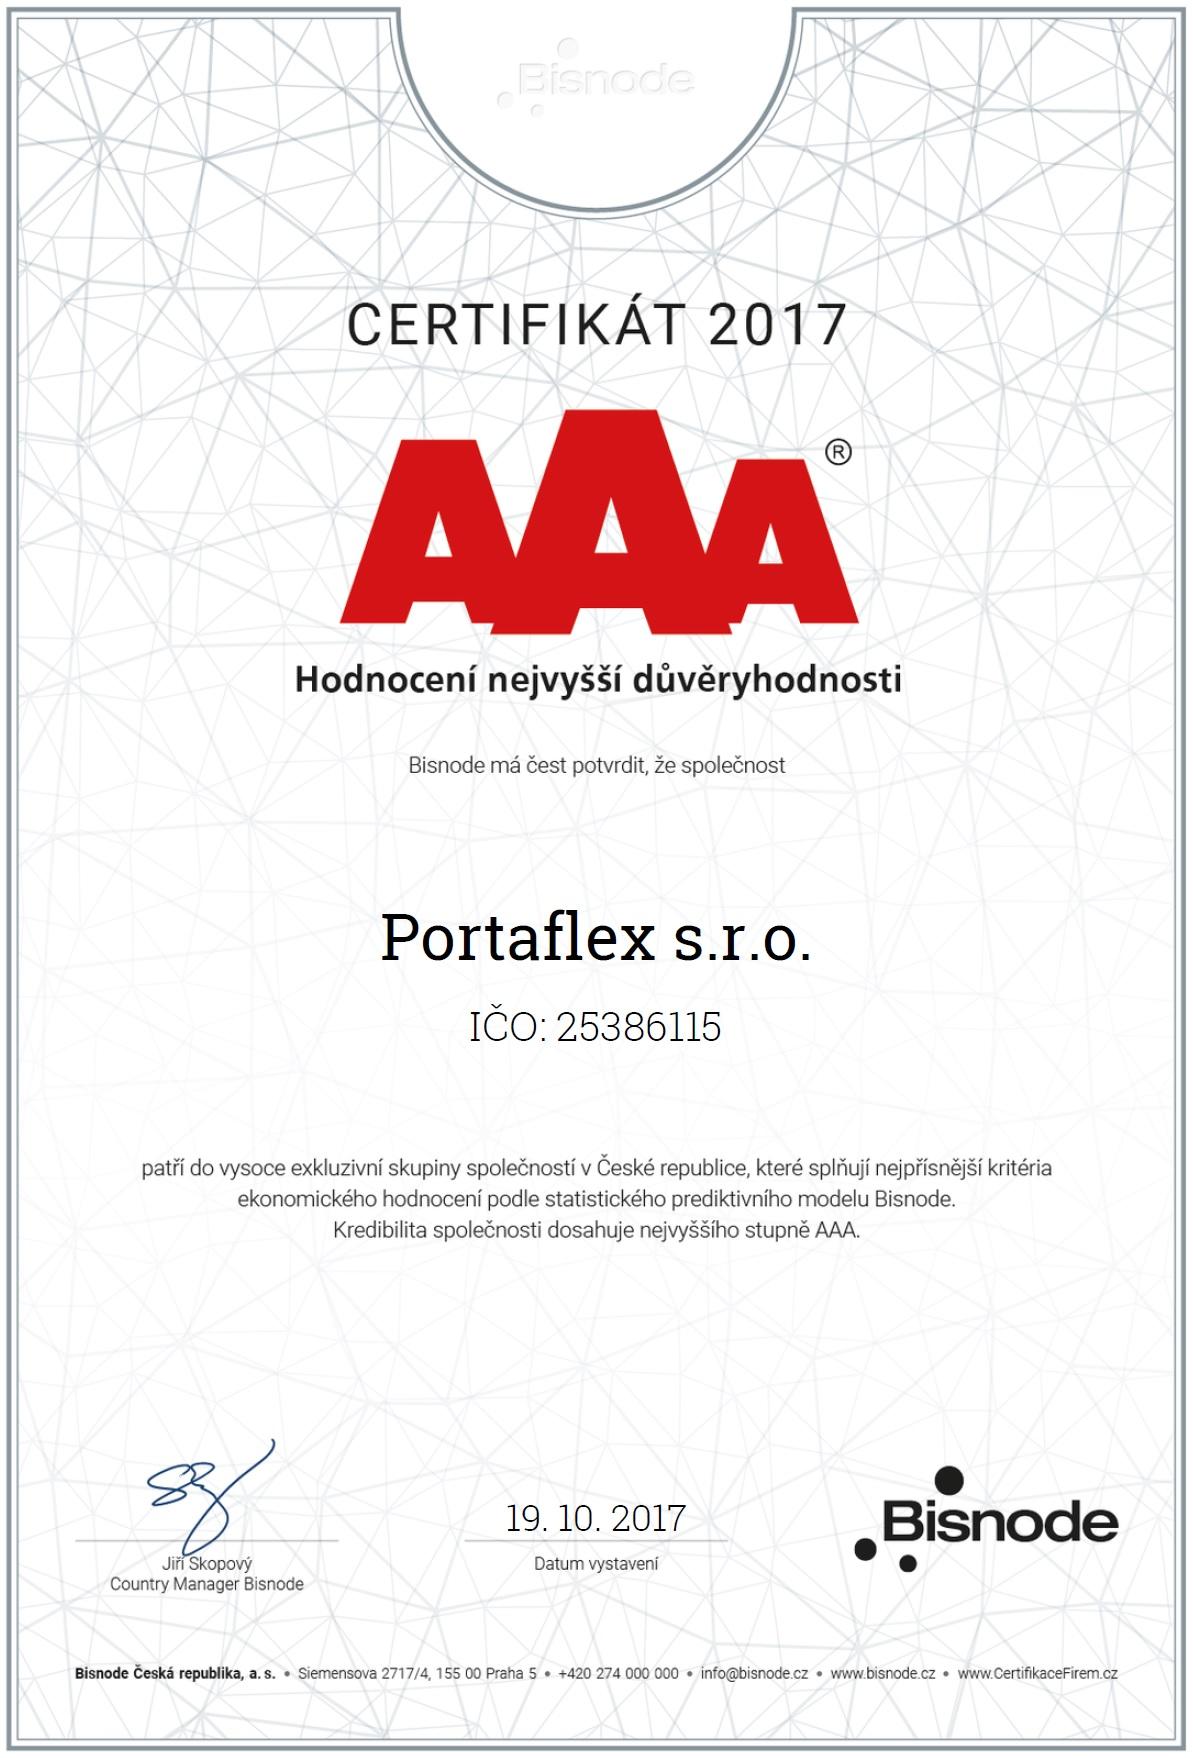 Certifikát platební morálky Portaflex s.r.o.